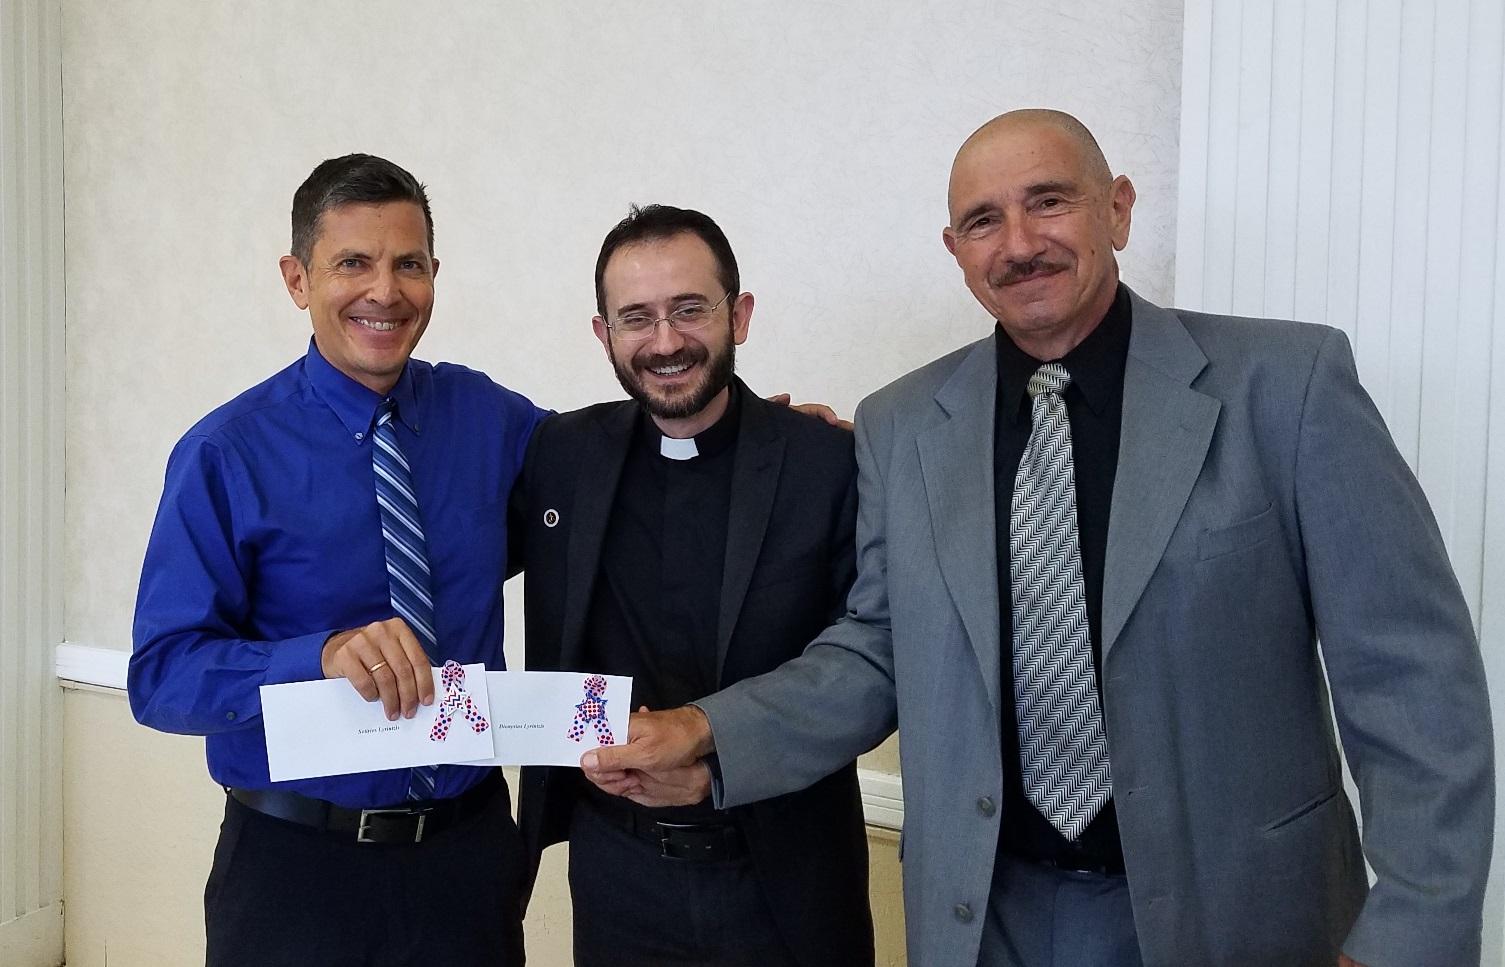 Sotirios & Dionysios Lyrintzis - 2017 Scholarships